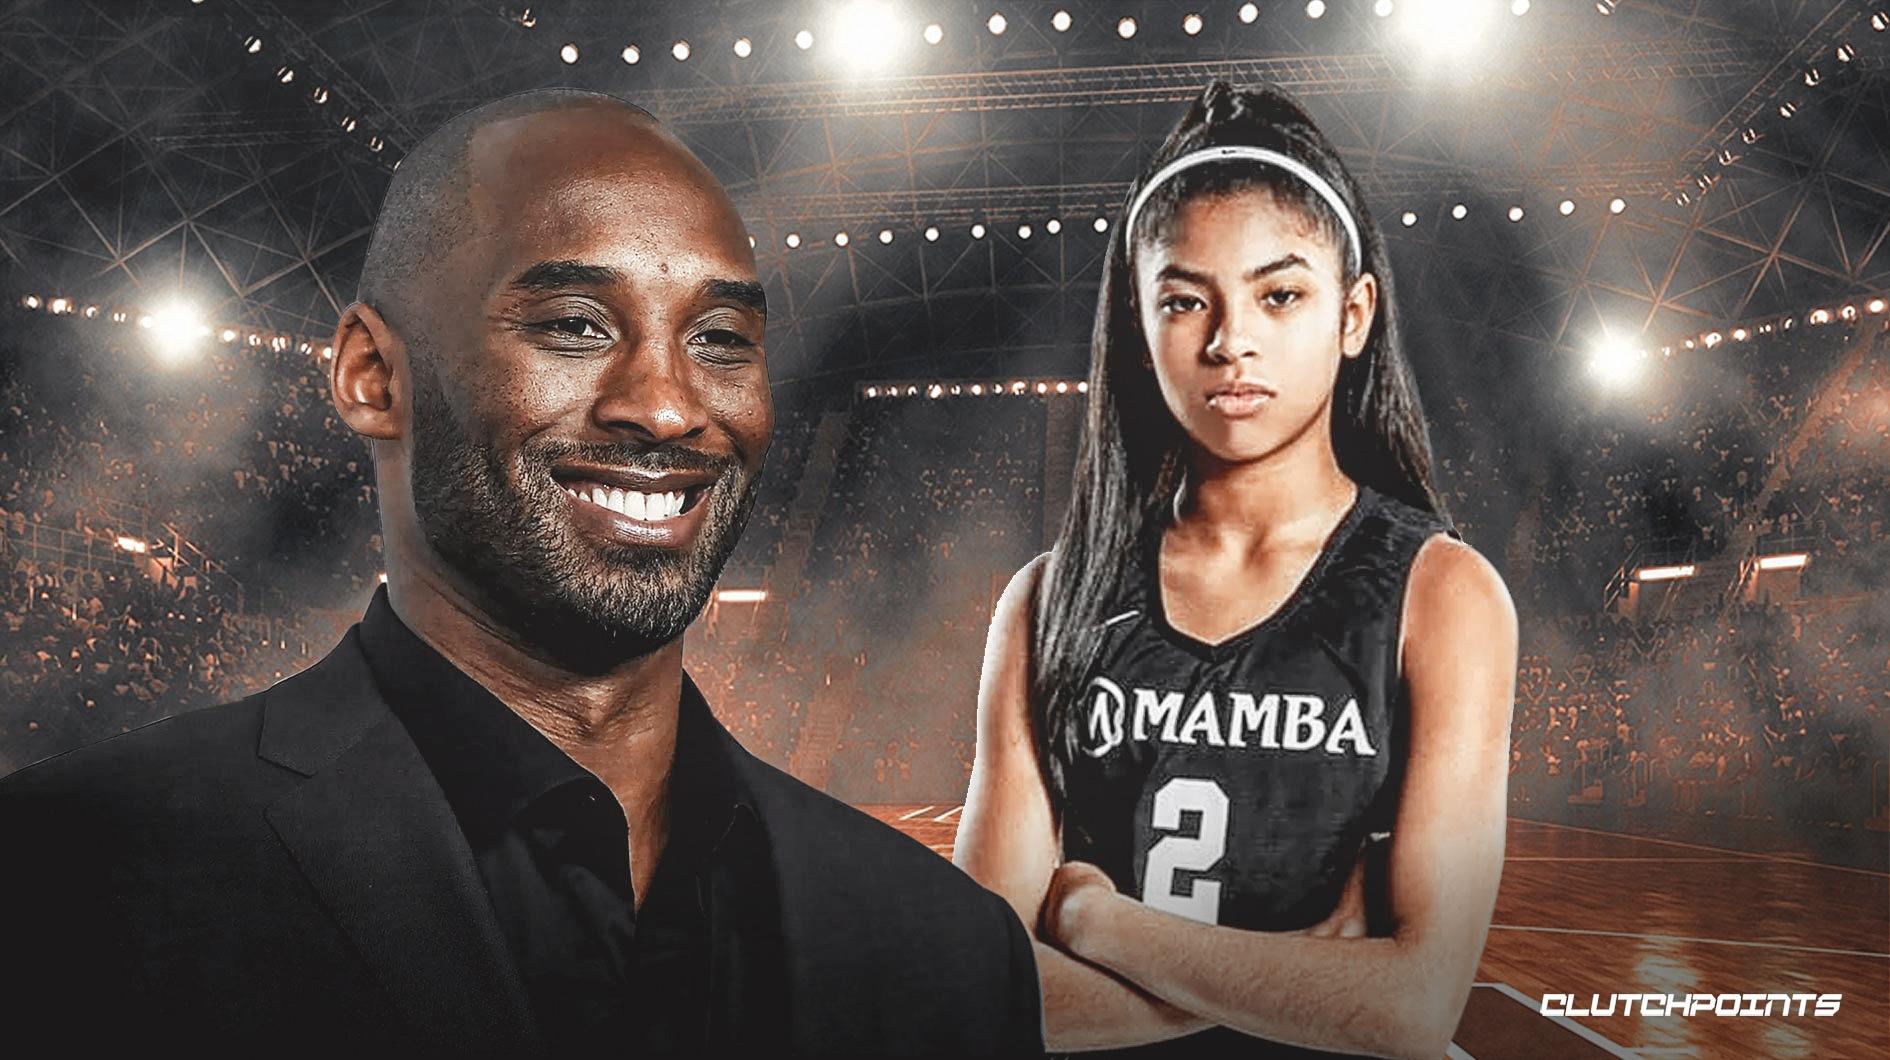 Gigi hija de Kobe Bryant